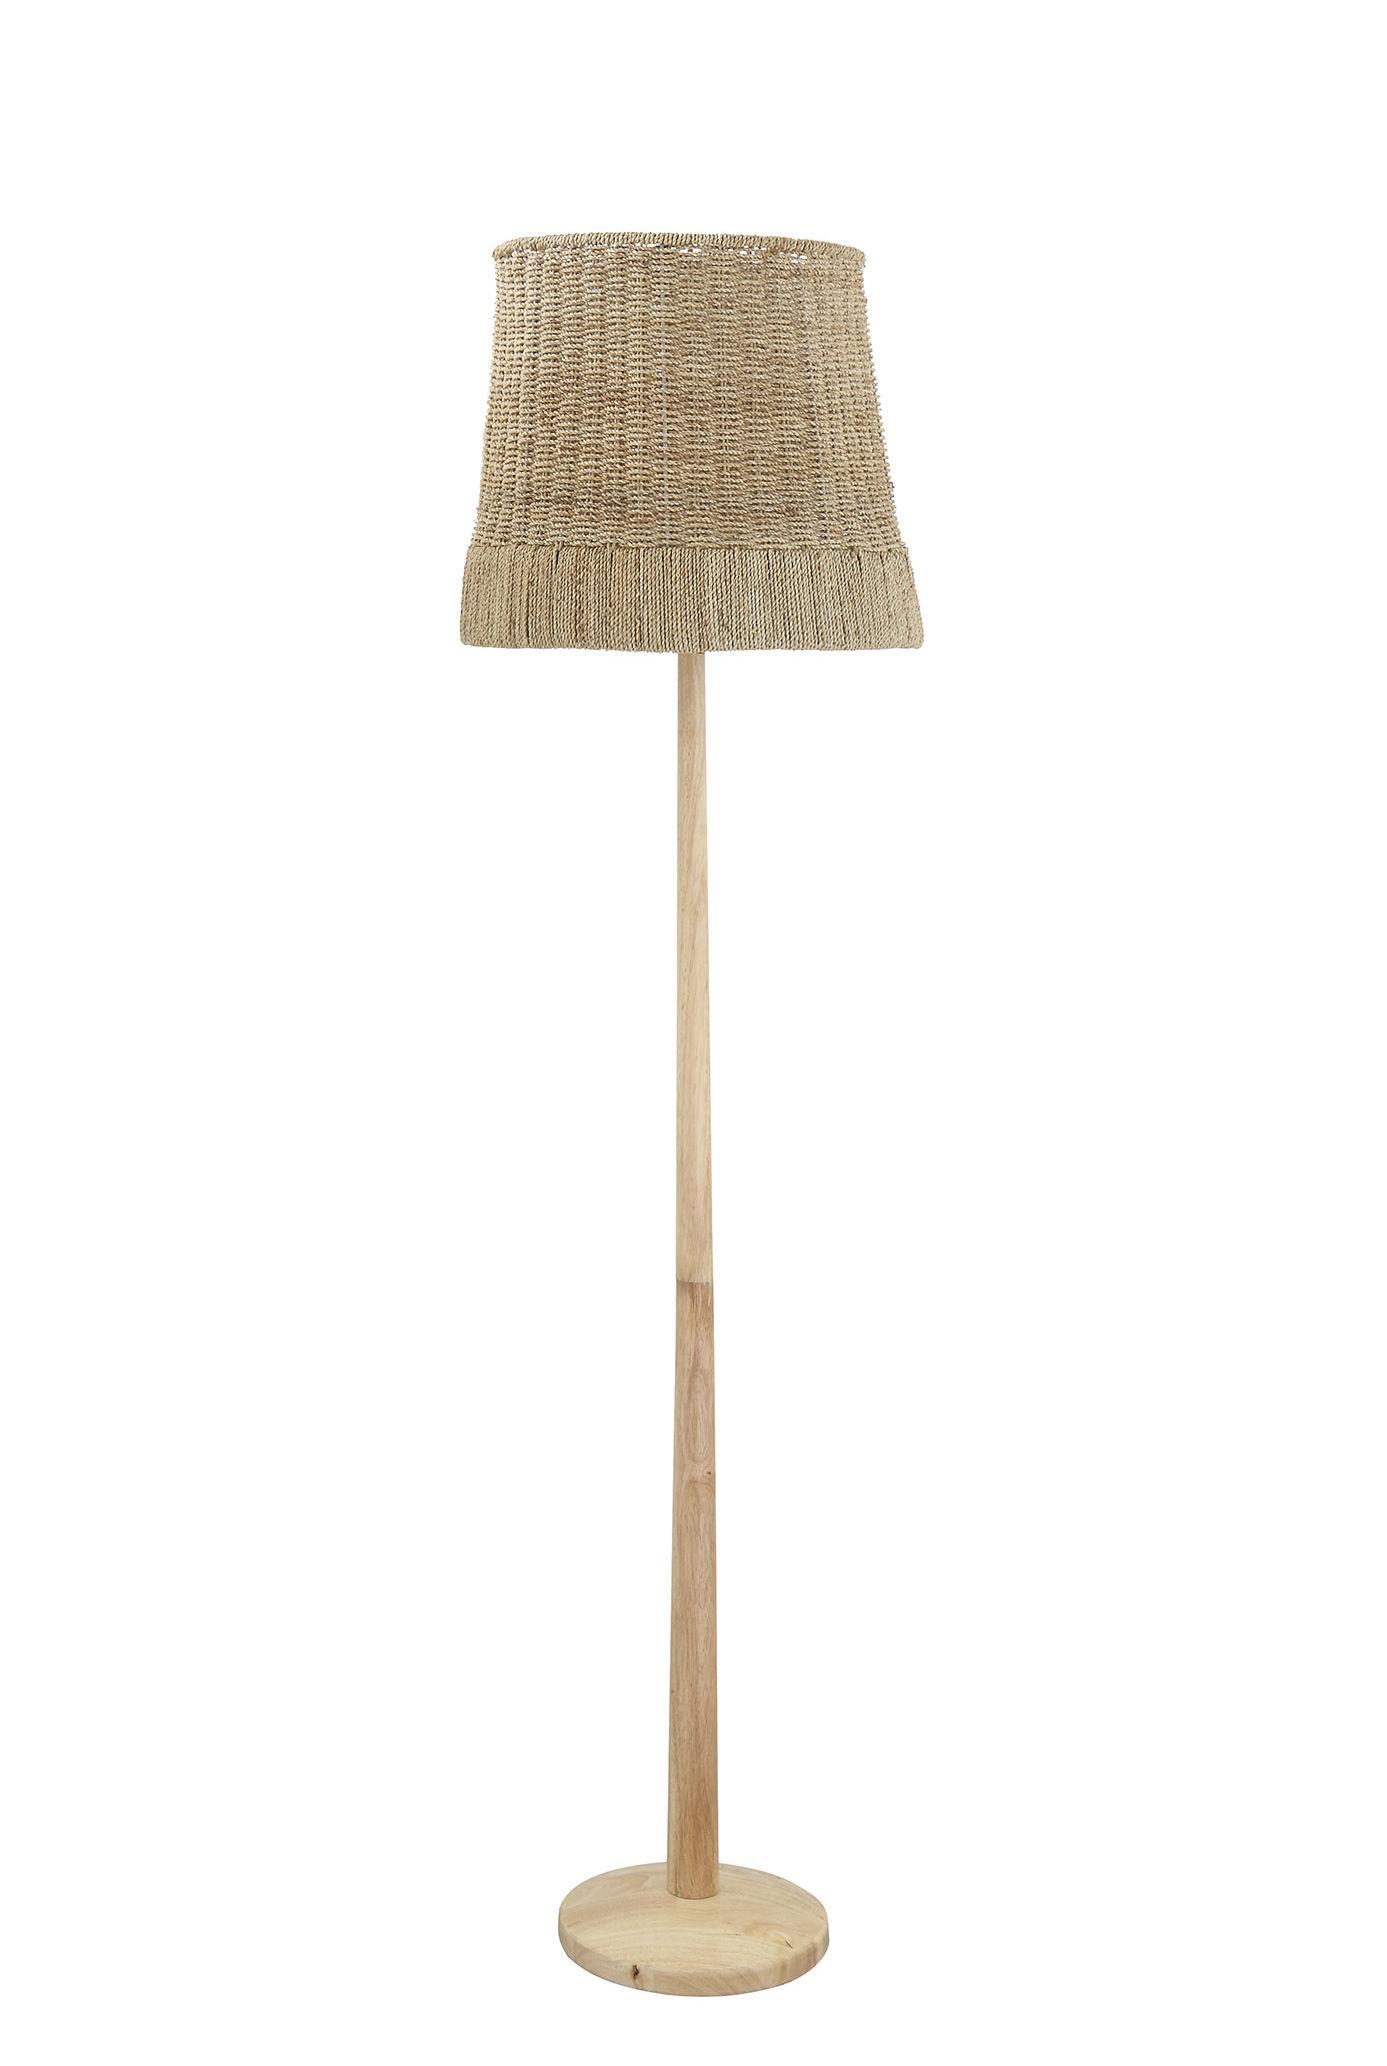 Illuminazione - Lampade da terra - Lampada a stelo Collected - / Rattan & legno di Bloomingville - Rattan naturale - Legno, Midollino